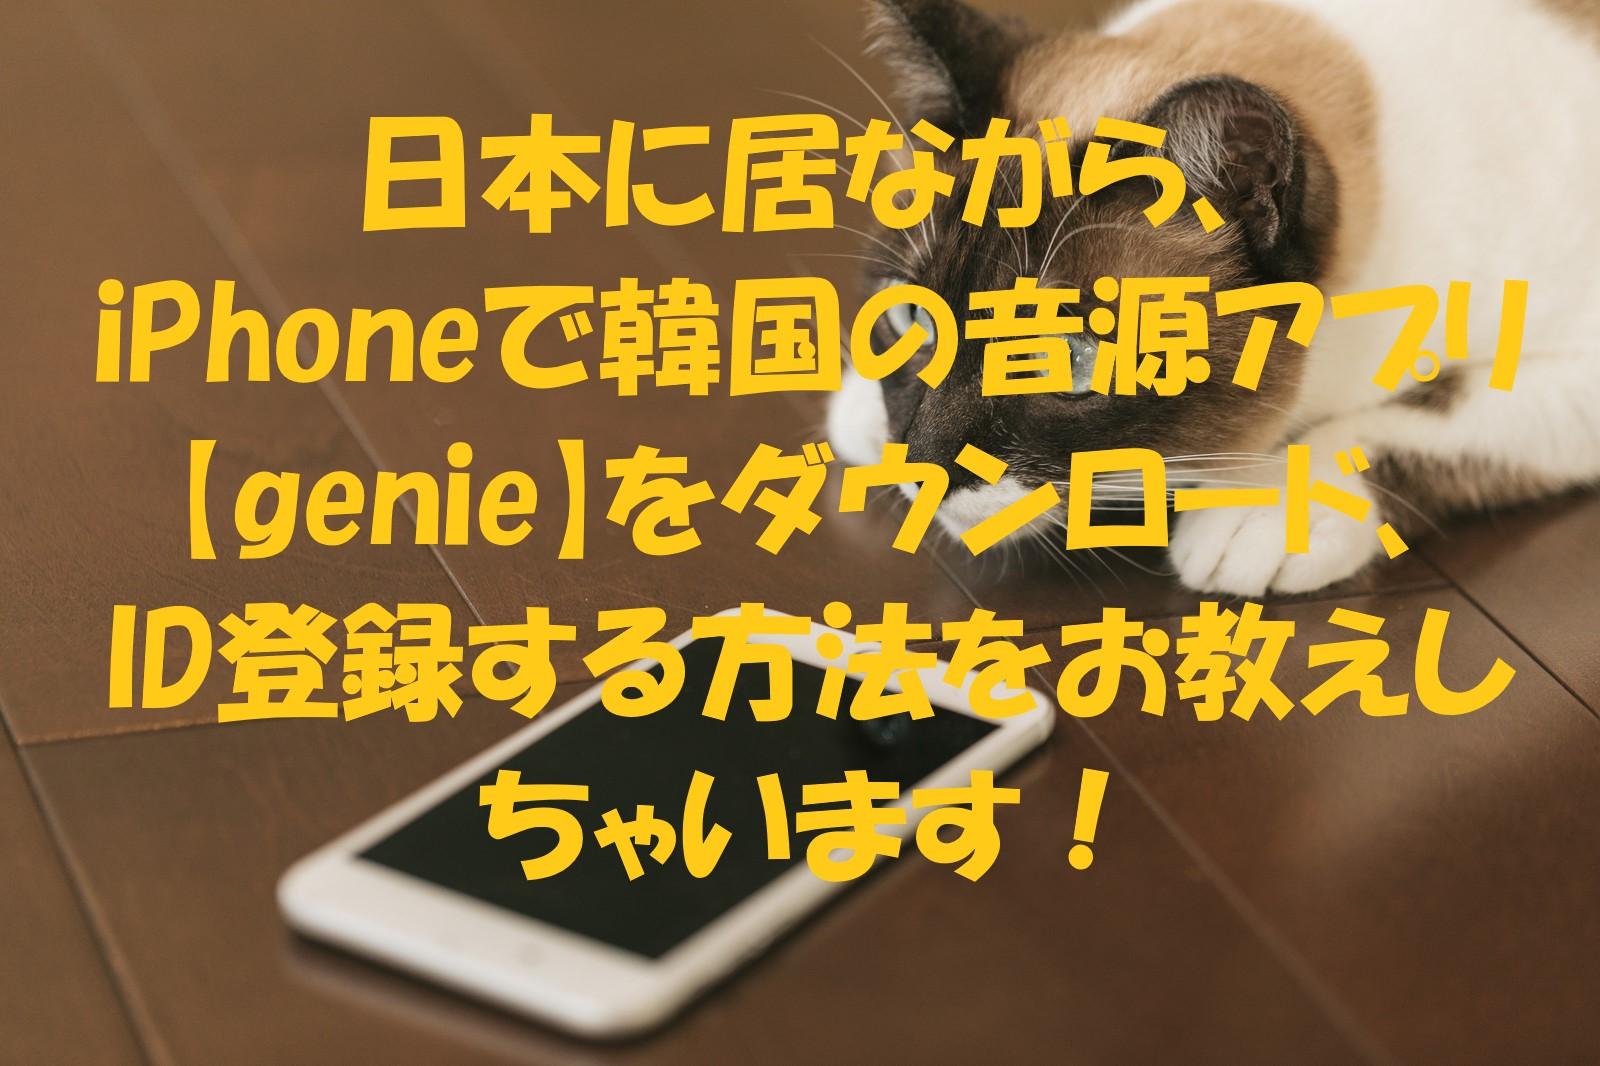 日本に居ながら、iPhoneで韓国の音源アプリ【genieMUSIC】をインストール、ID登録する方法をお教えしちゃいます!本人確認不要で、ストリーミング券(利用券)を購入可能です。